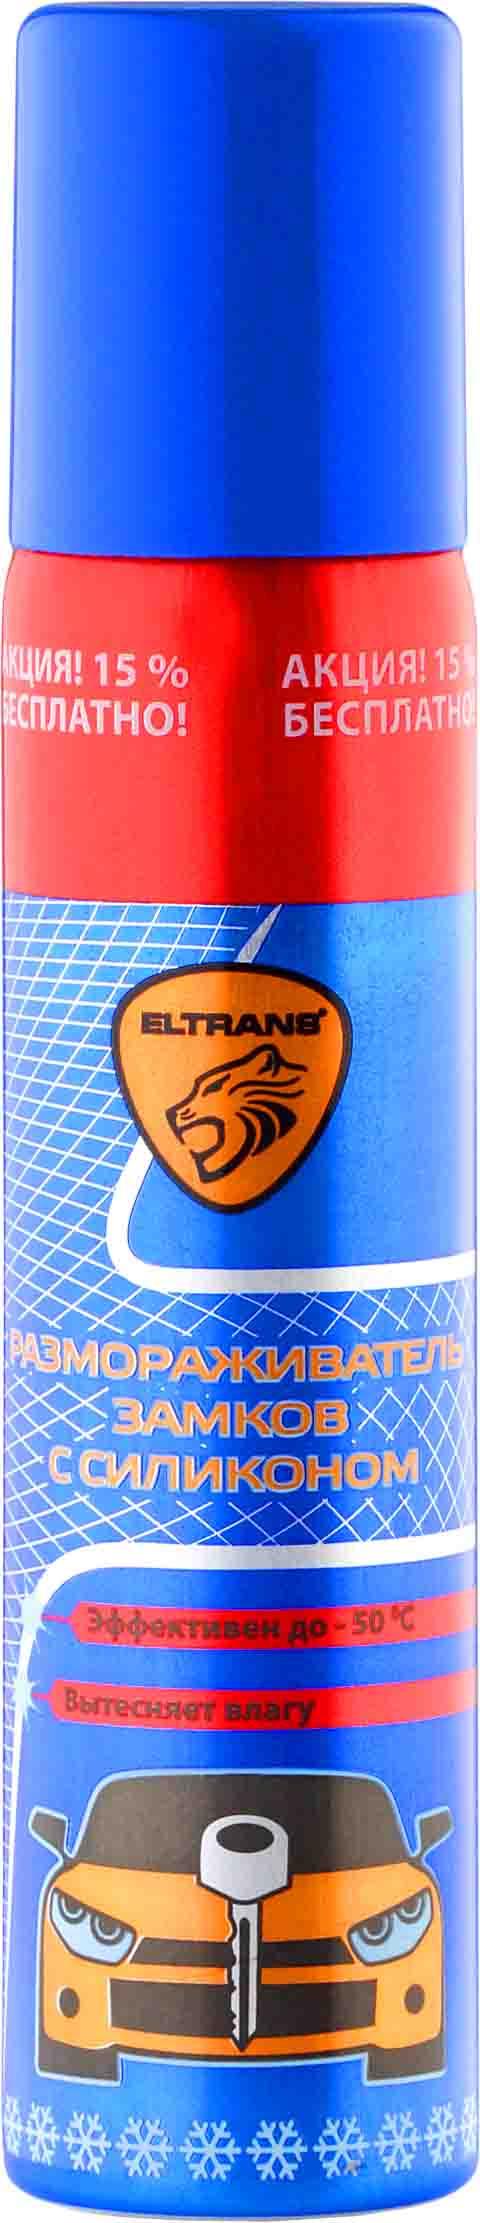 EL-0603.04 Размораживатель замков с силиконом 90мл. (аэрозоль) ELTRANS